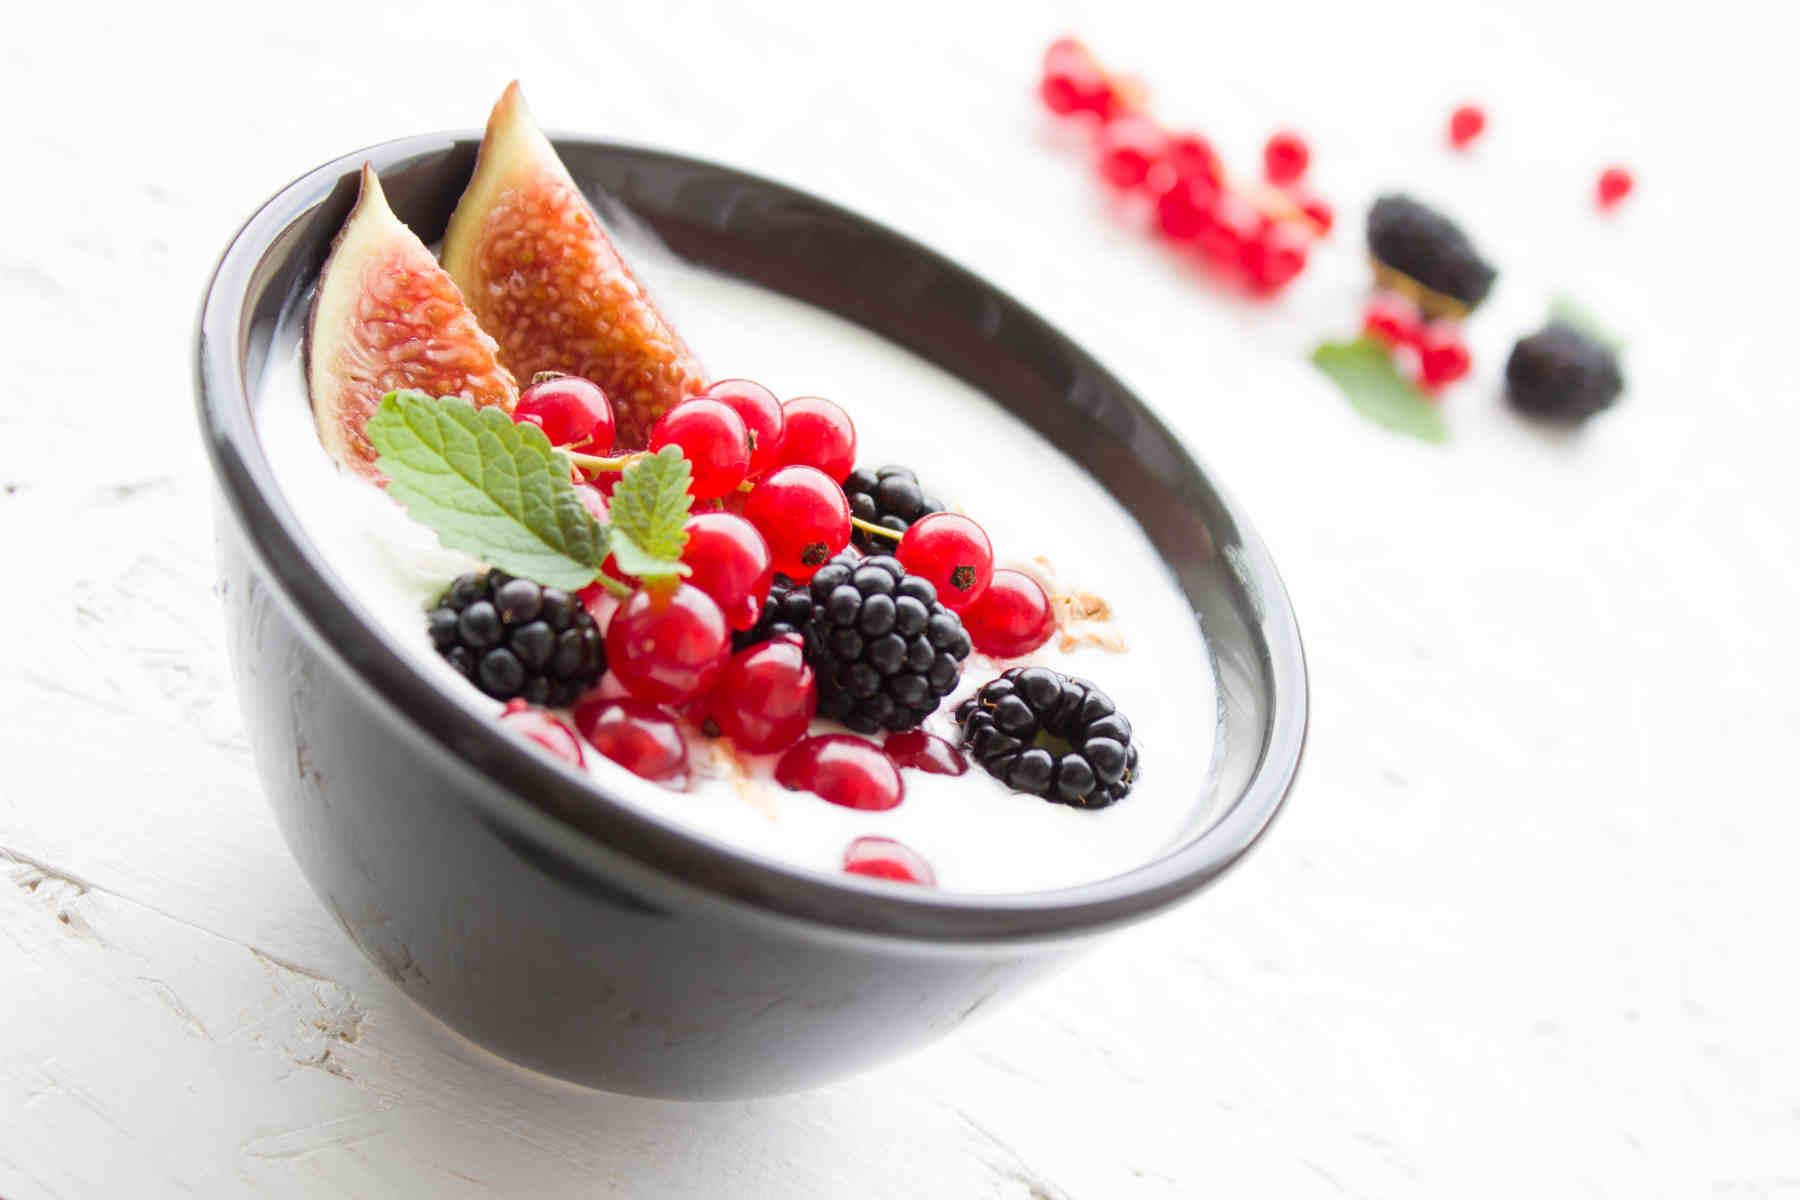 Les bienfaits du yogourt sur la santé cardiovasculaire